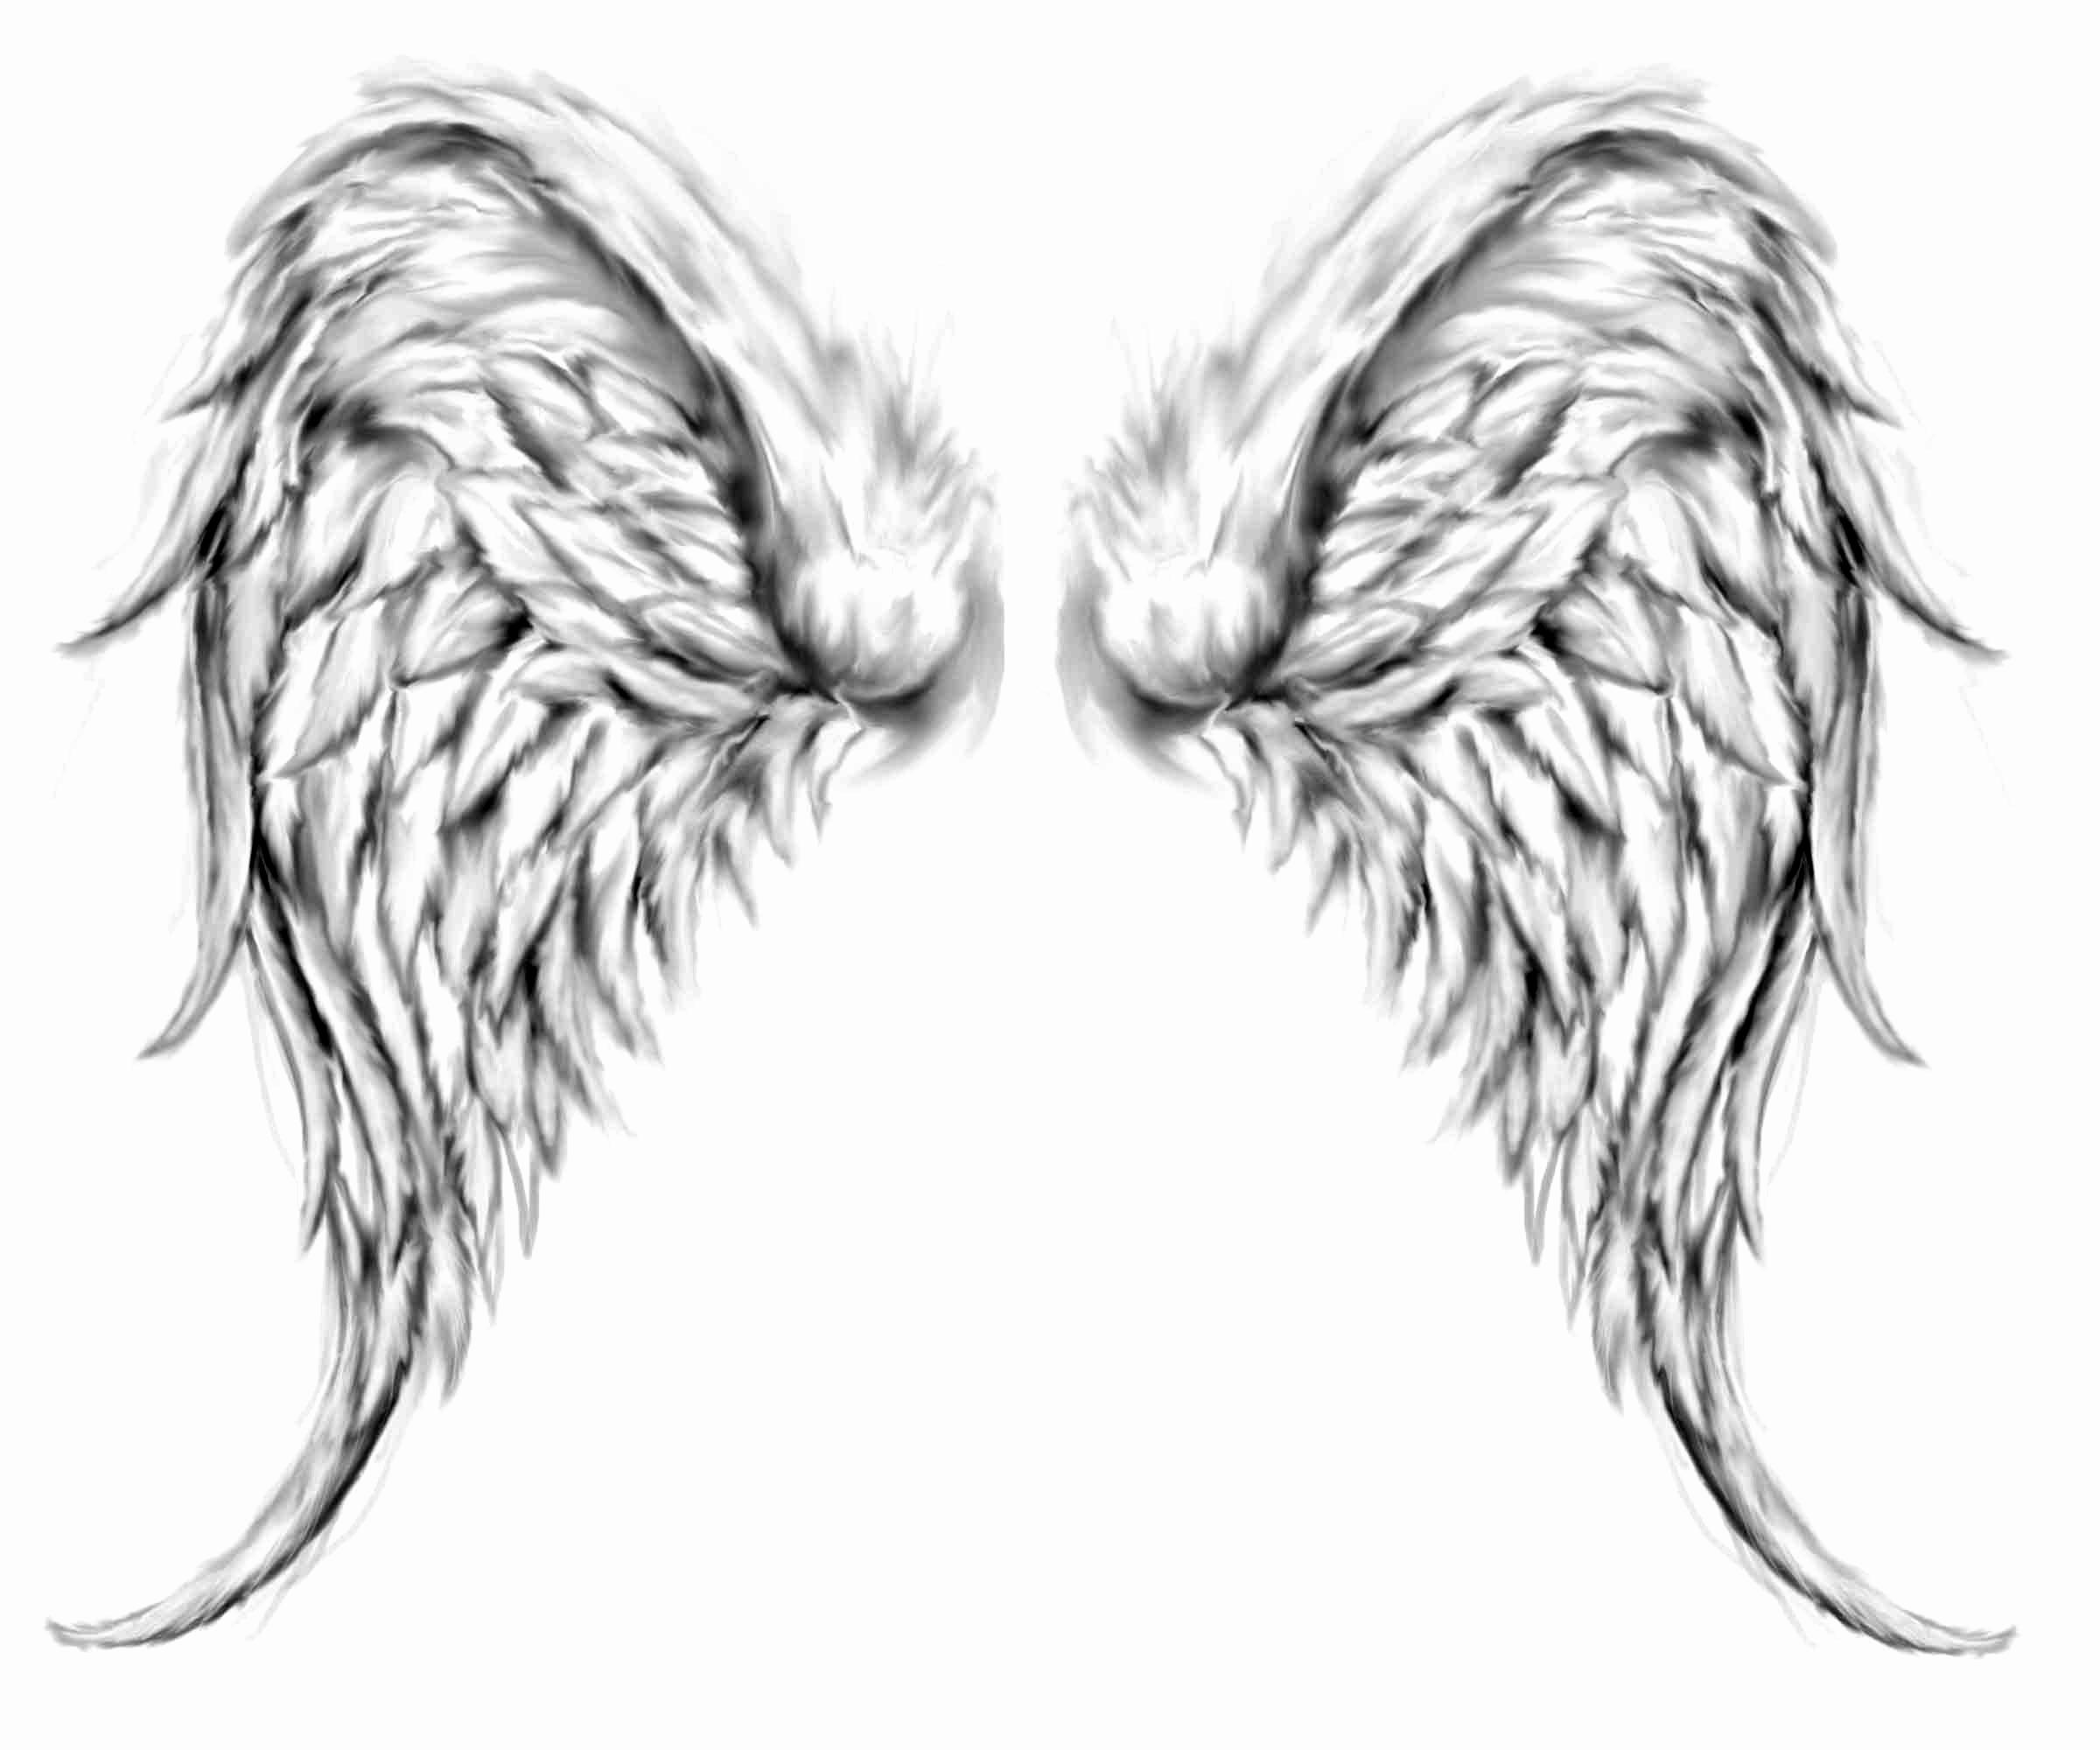 Drawings Of Angels Wings New Tattoos Angels Wings Cool Tattoos Bonbaden